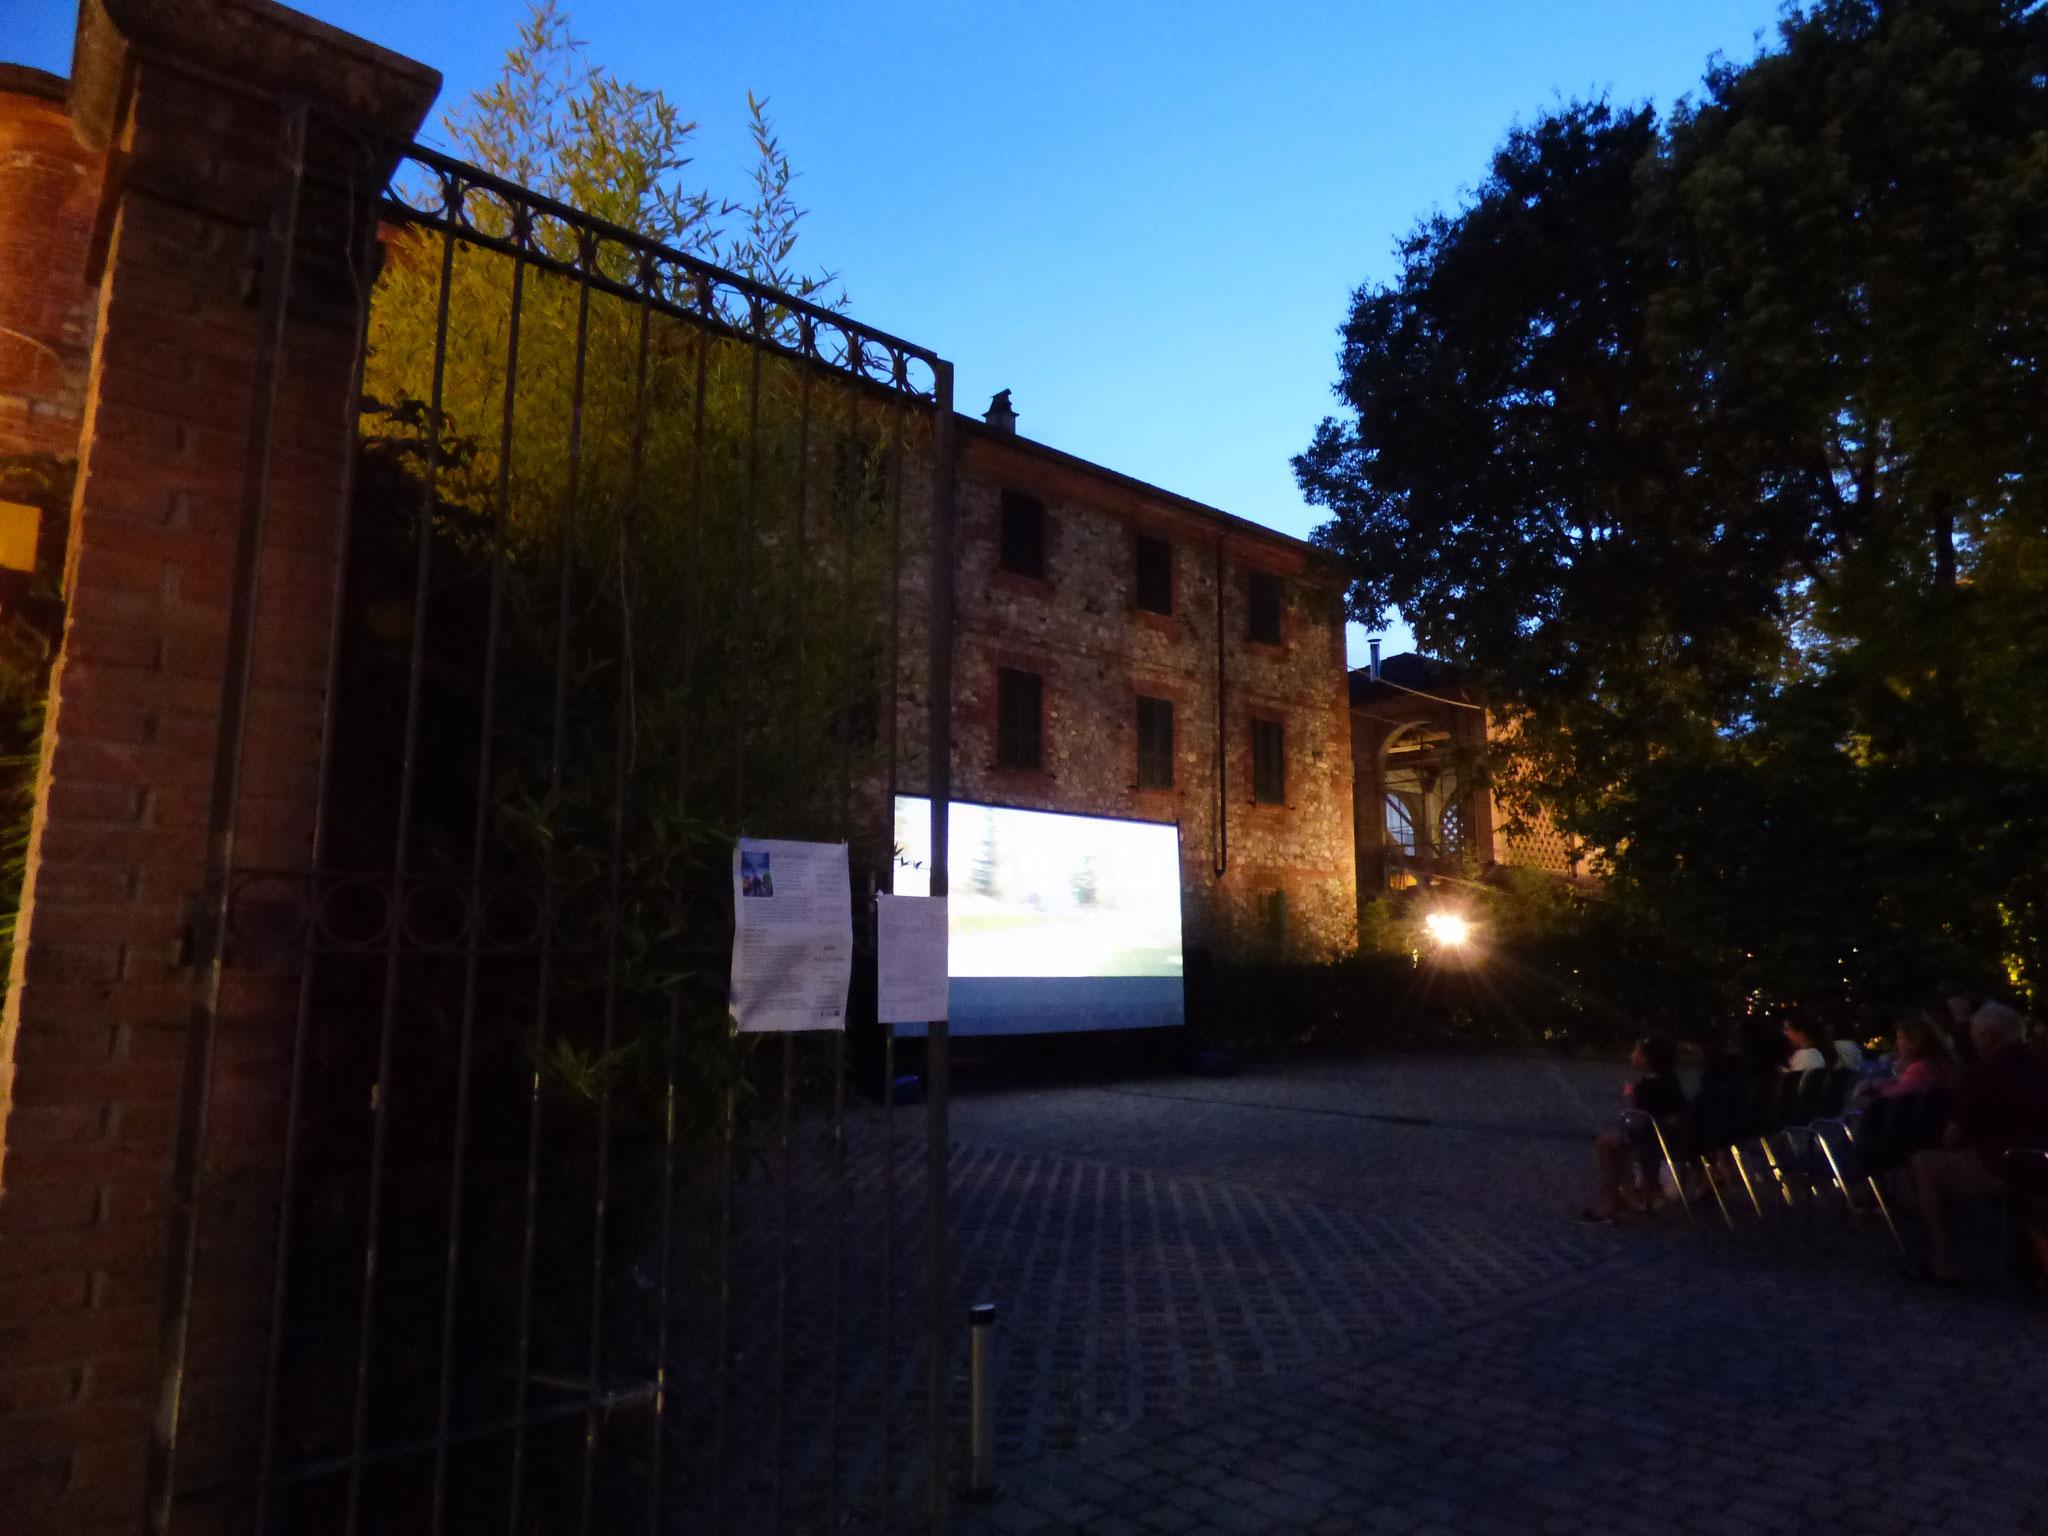 Rivergaro: Cinema Sotto Le Stelle 2019     Luglio, giovedì 18 : MIKE SULLA LUNA dalle ore 21:30  giardino di Via Don Veneziani, 64 - Rivergaro (PC) di fronte alla Casa del Popolo